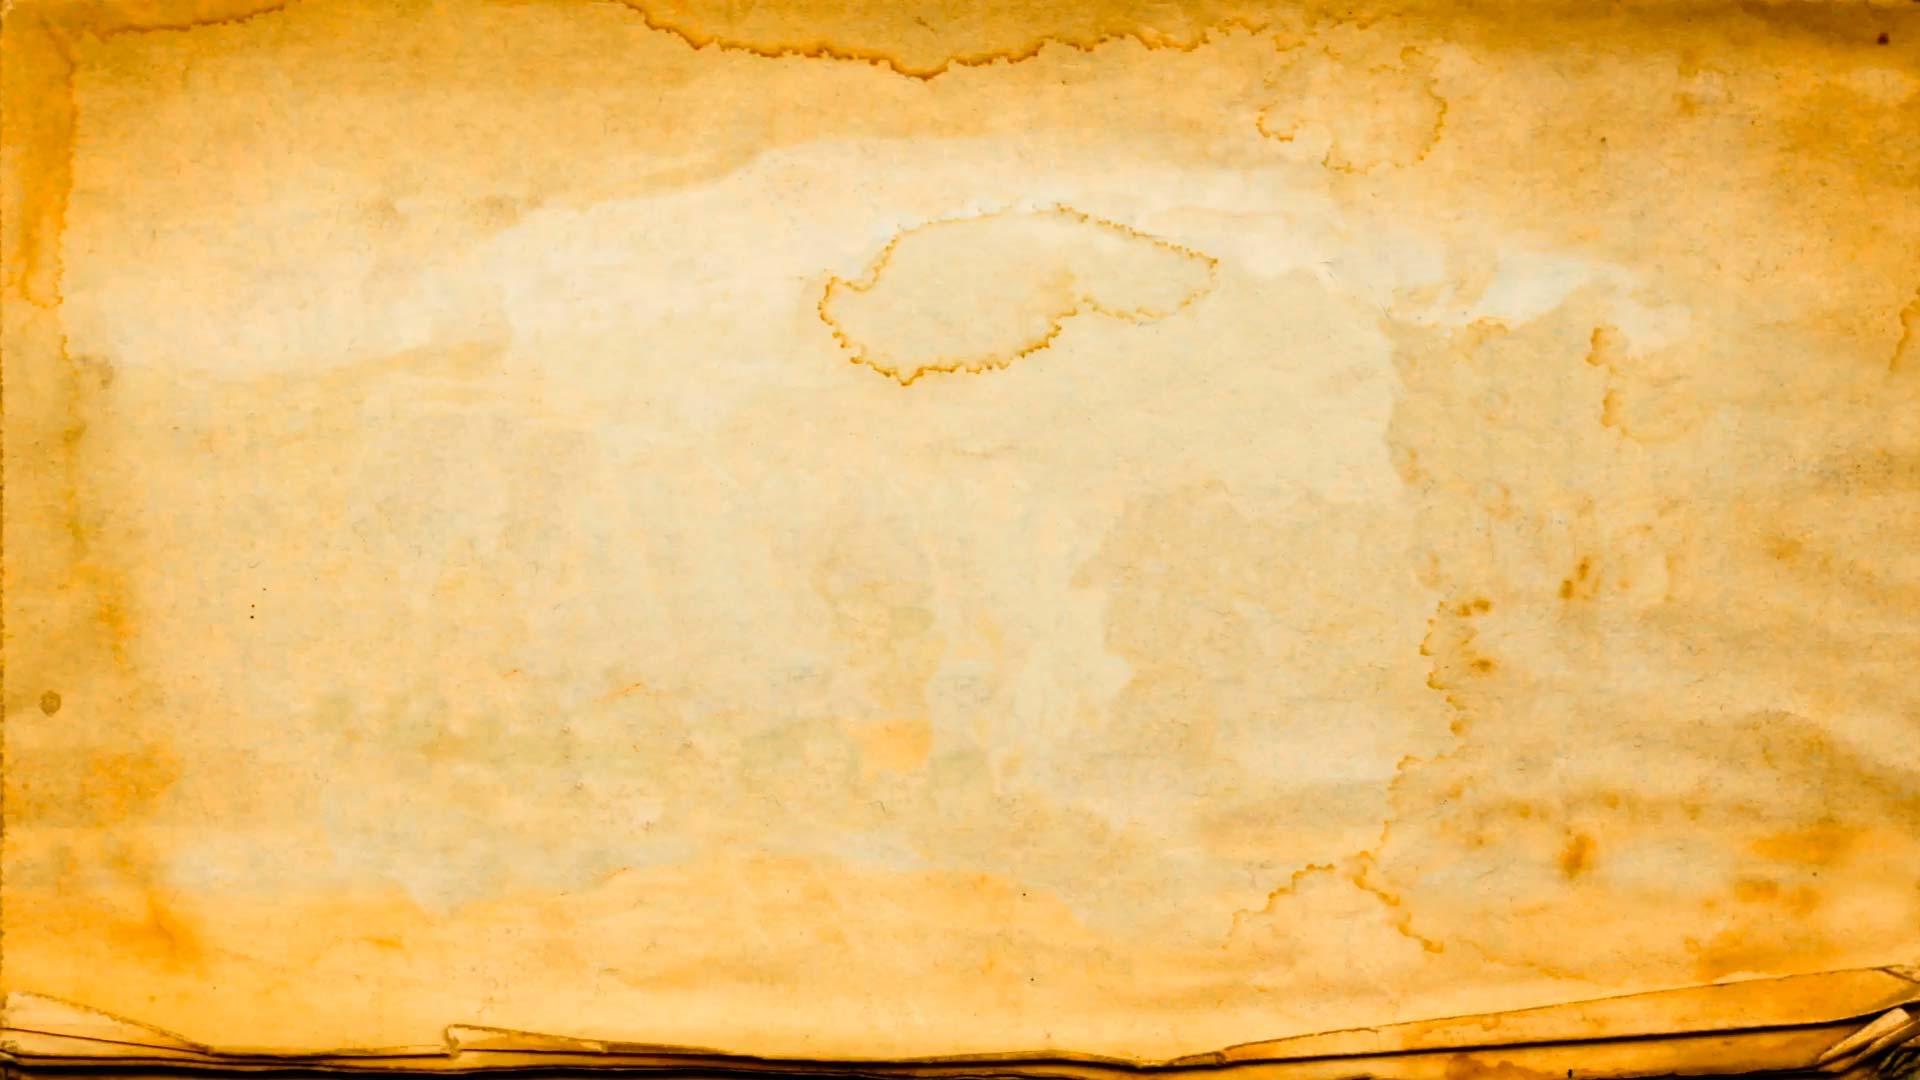 Fond de carte papier usé pour aire de jeux chasse au trésor